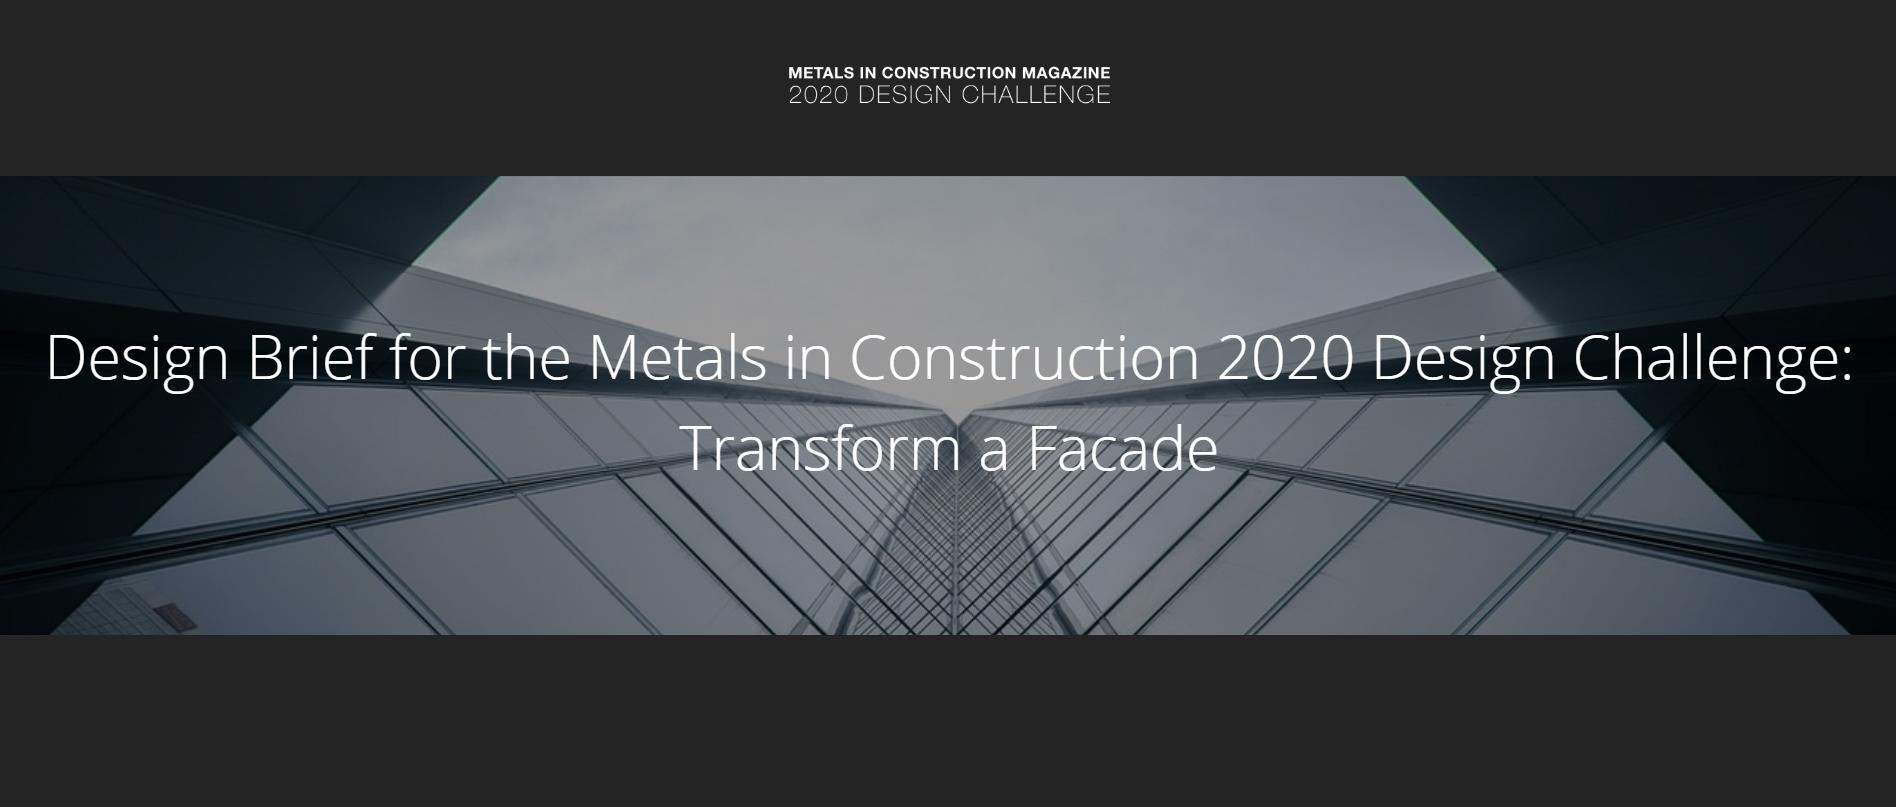 《建筑金属》杂志2020年设计挑战赛:立面改造